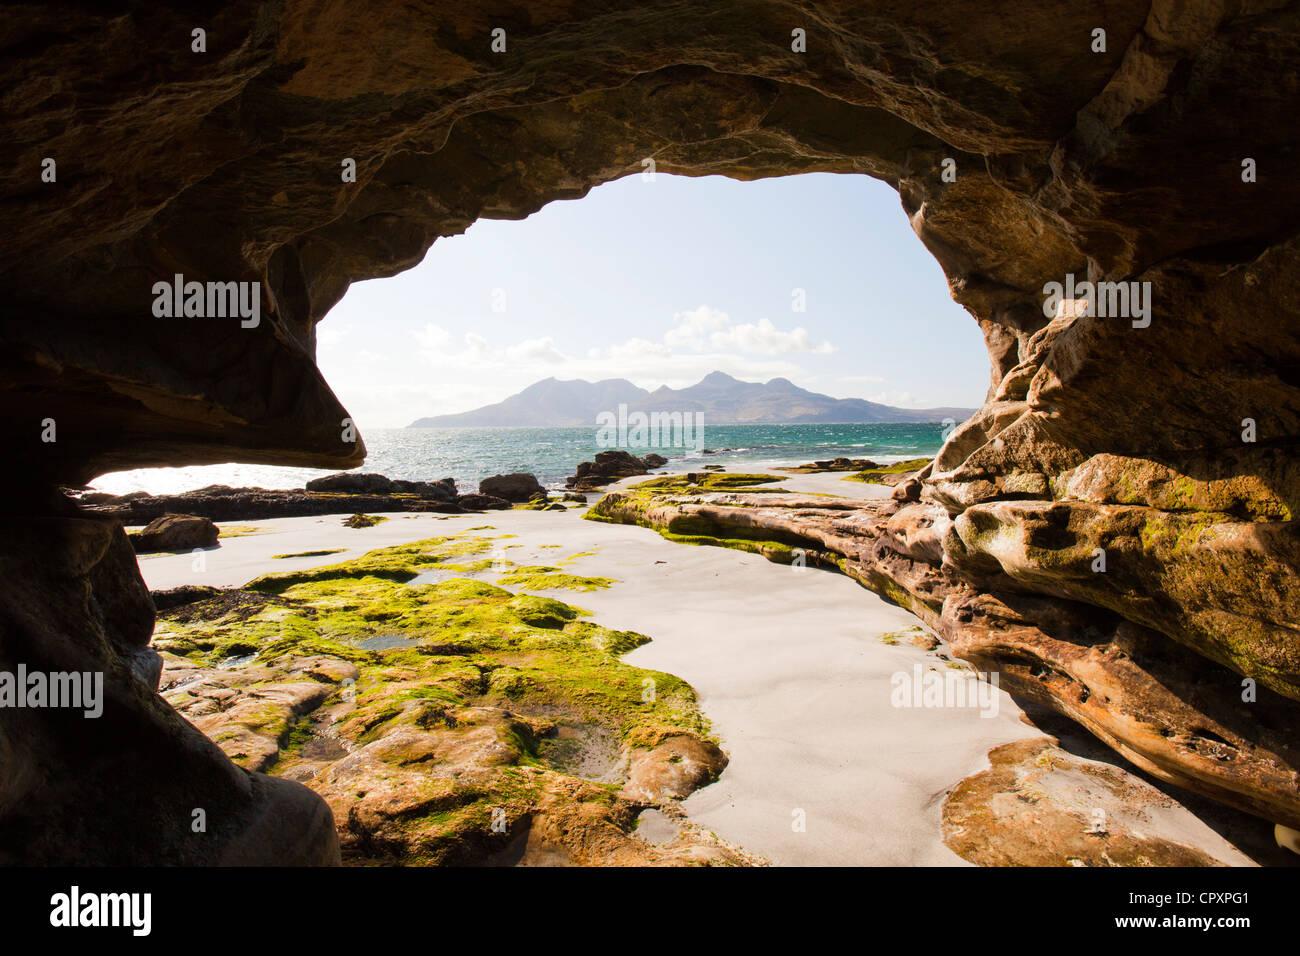 Eine Meereshöhle in der Nähe der Bucht Laig am Cleadale auf der Insel Eigg, mit Blick auf die Isle of Stockbild